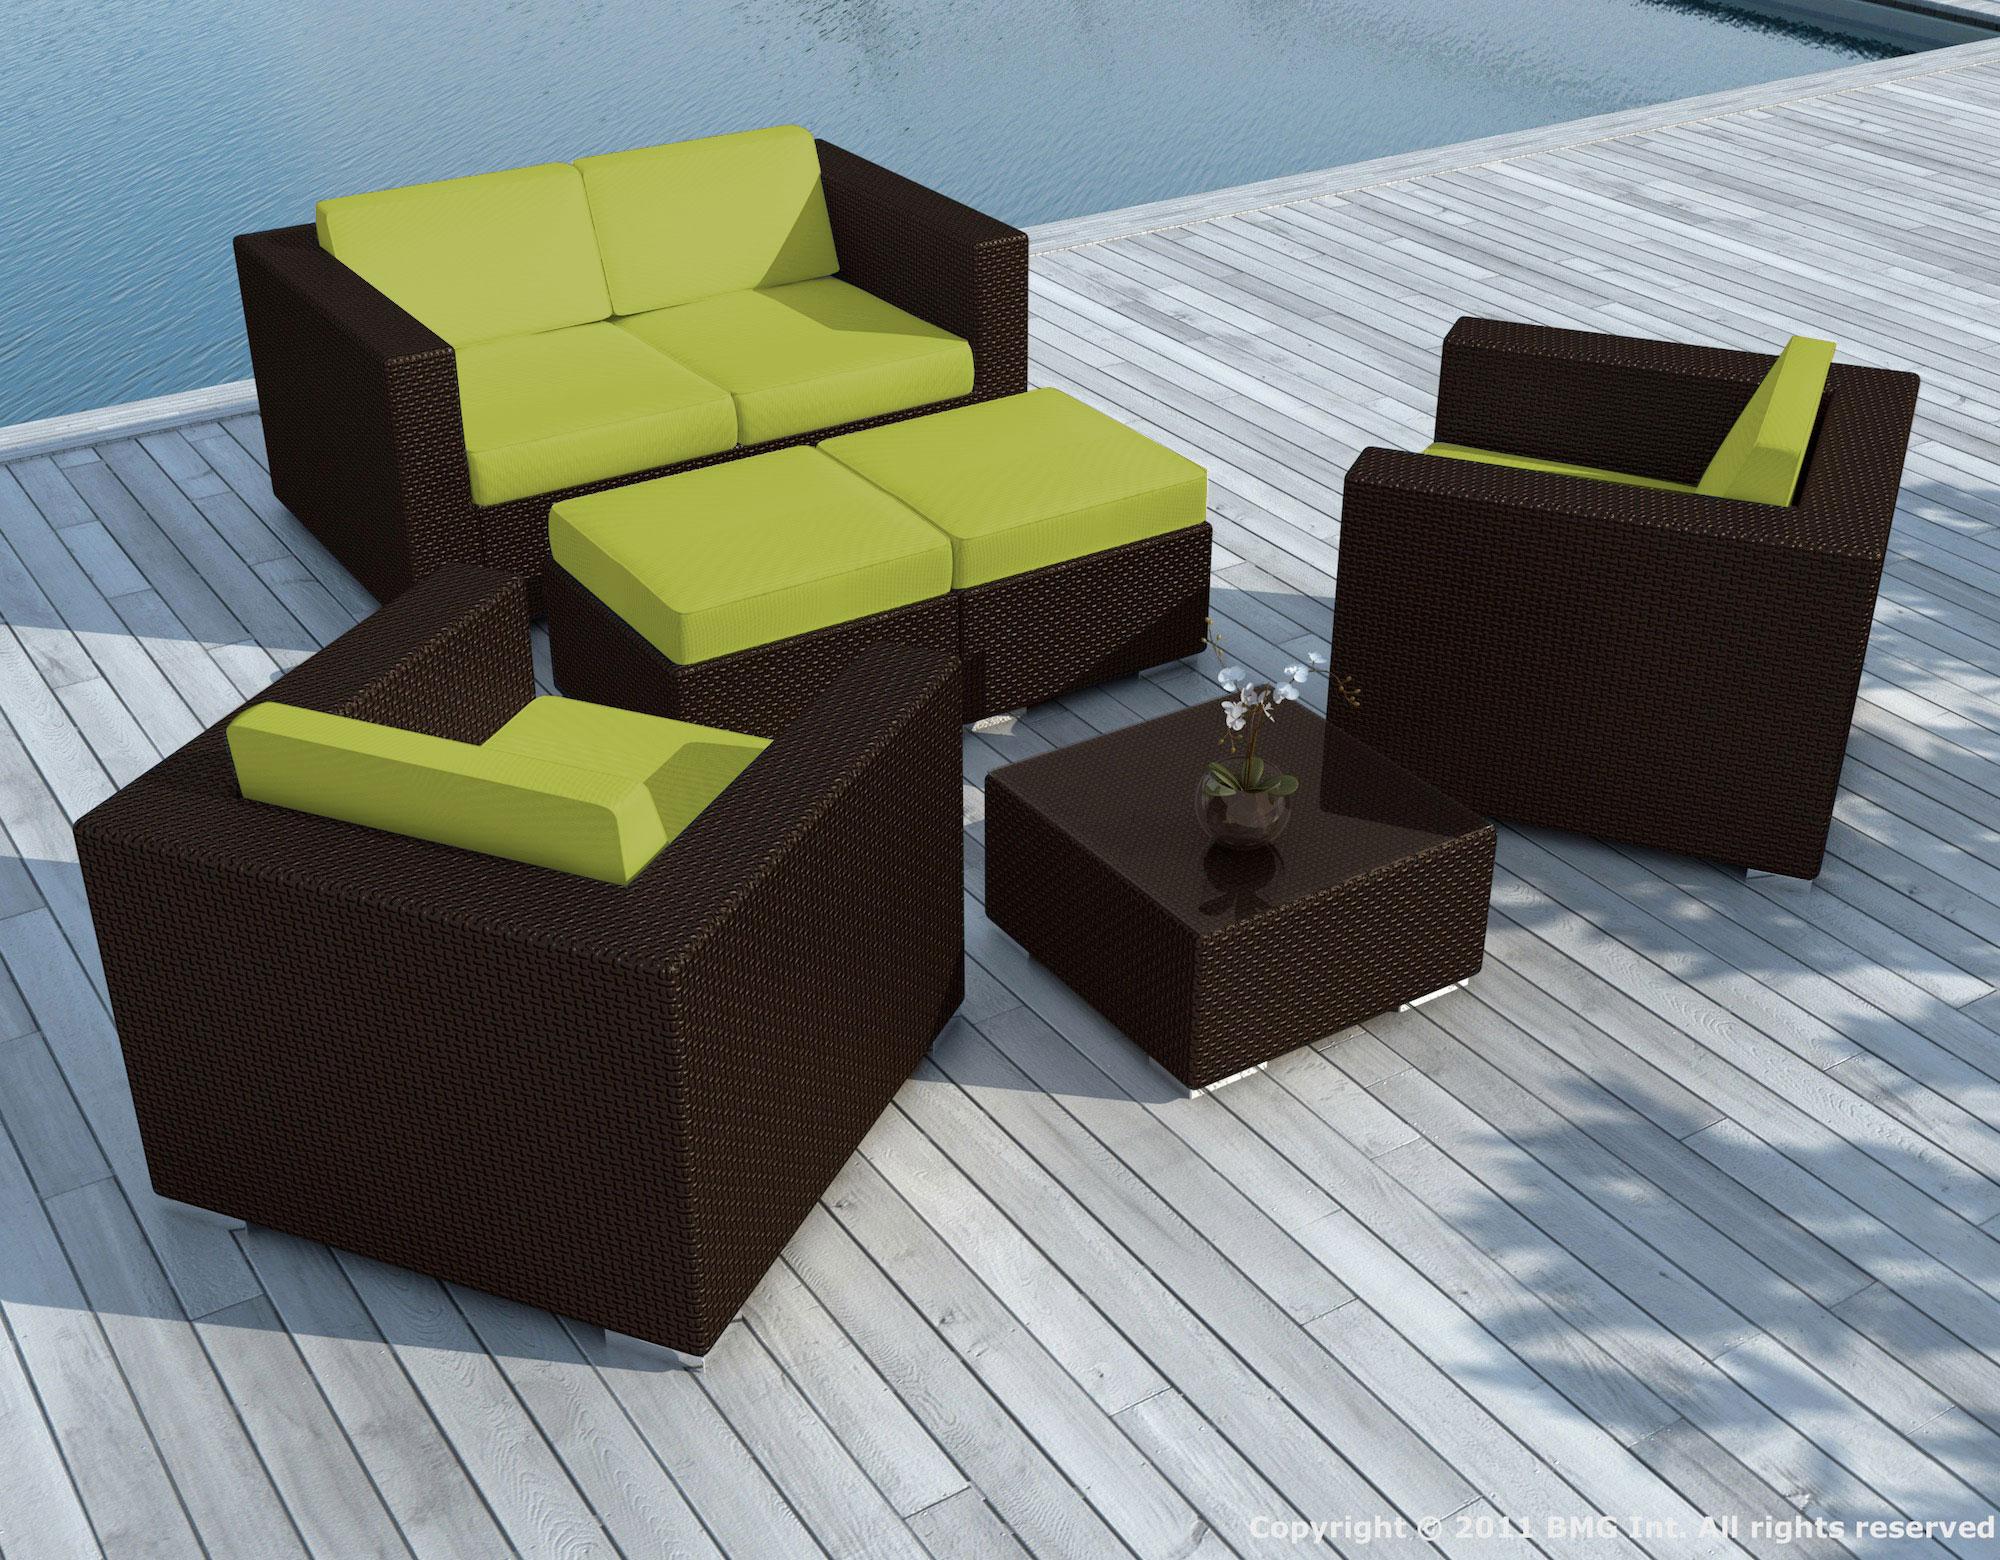 Salon de Jardin PAUSA 6 pièces en résine tressé couleur chocolat et  coussins tissu blanc écru + jeu de housses tissu vert